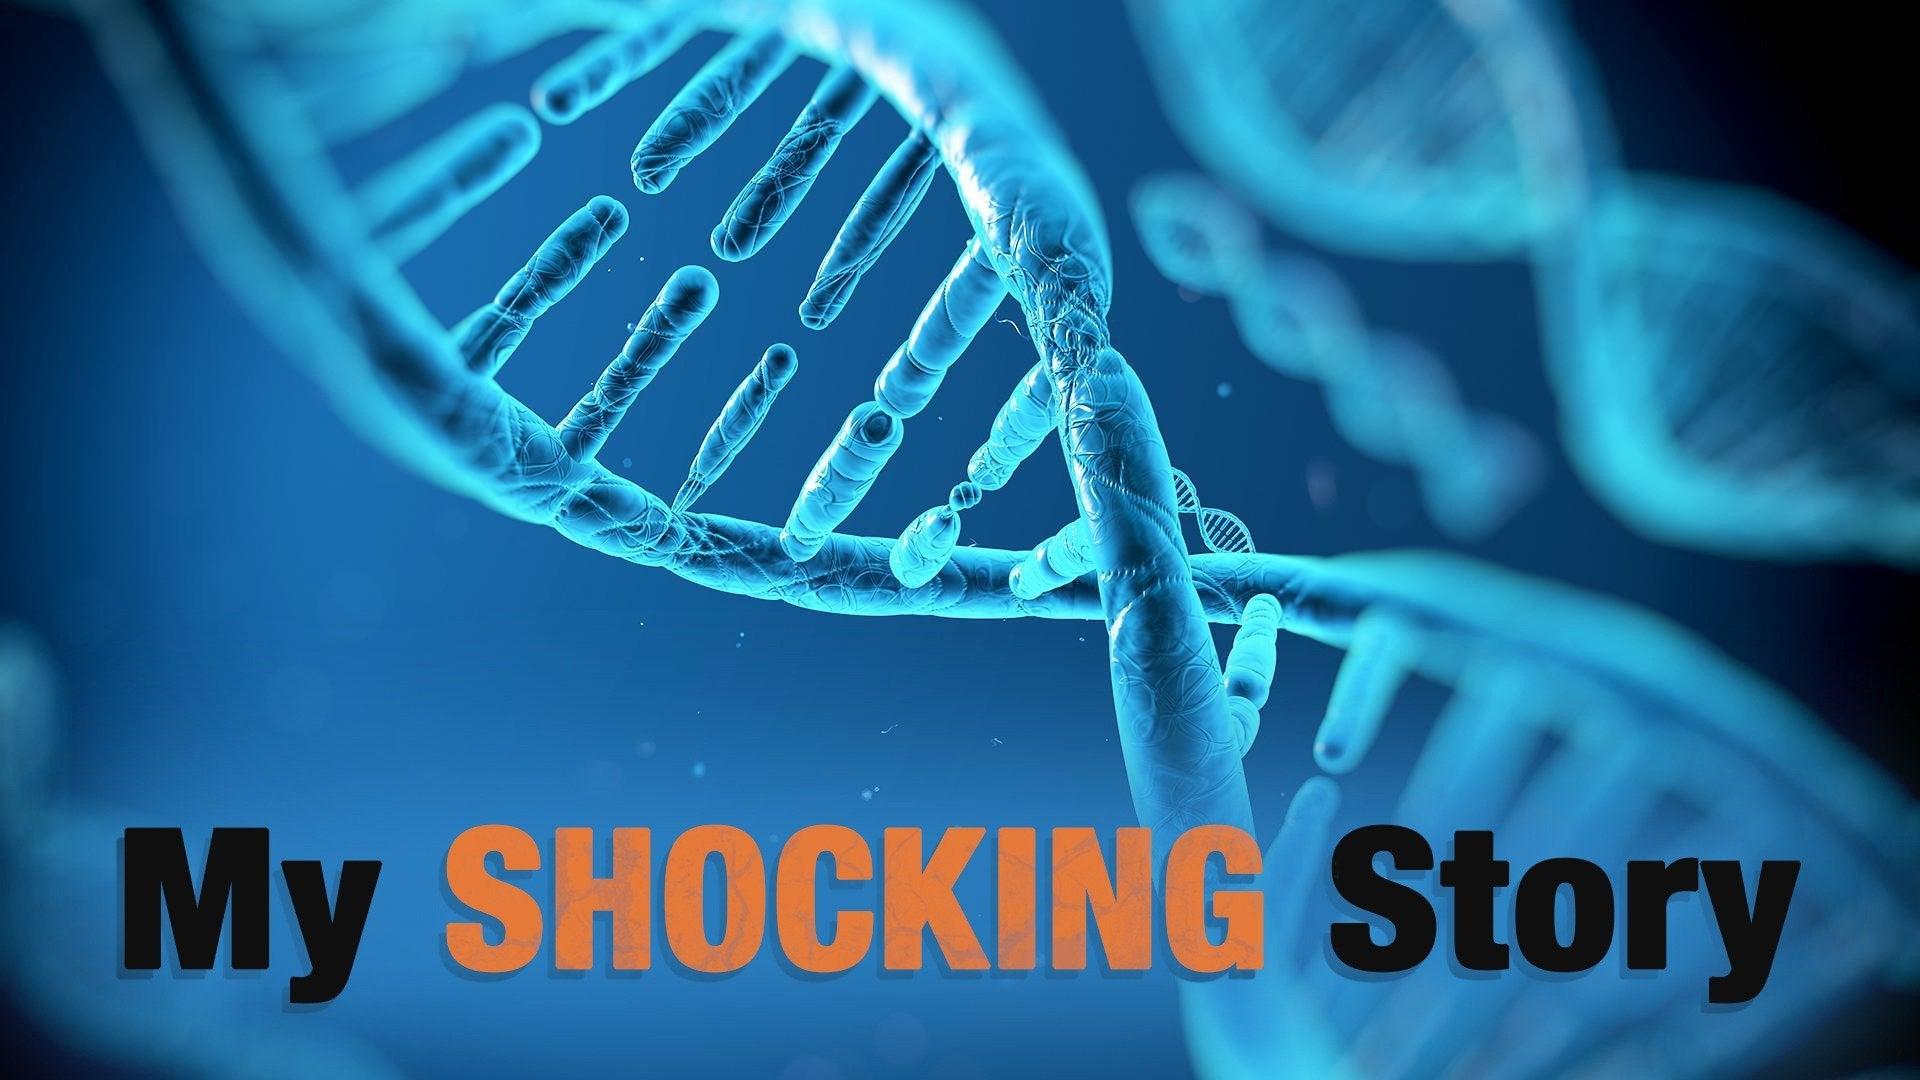 My Shocking Story